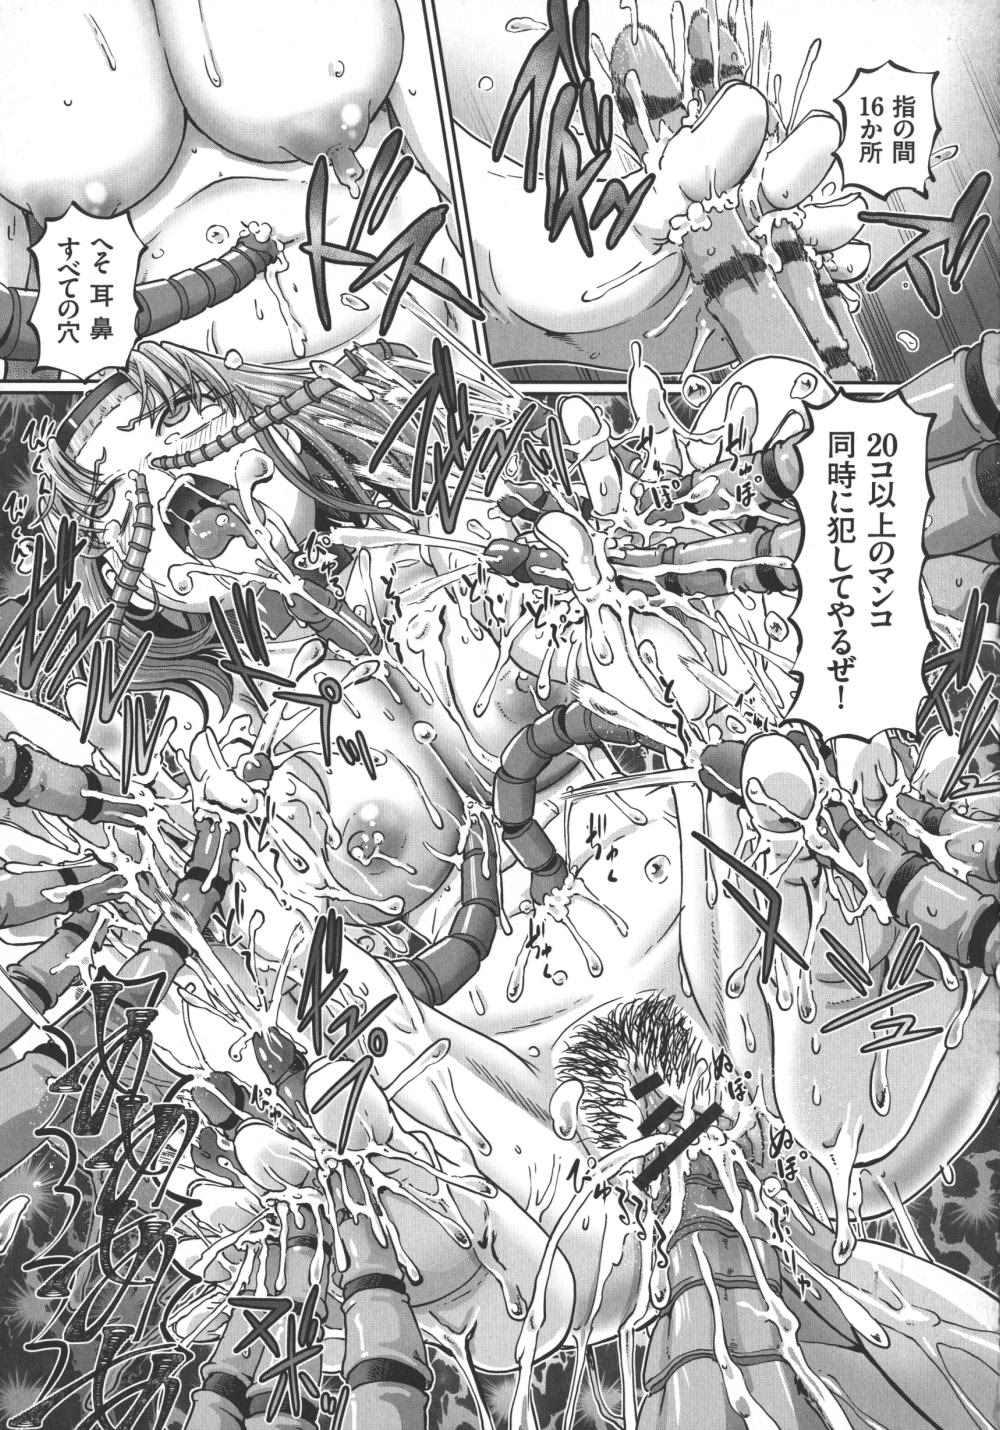 【エロ漫画】洗脳されてノーパン露出青姦セックスするくノ一!妹分のくノ一も拘束されて生やされた巨根で子宮貫くレズプレイ!